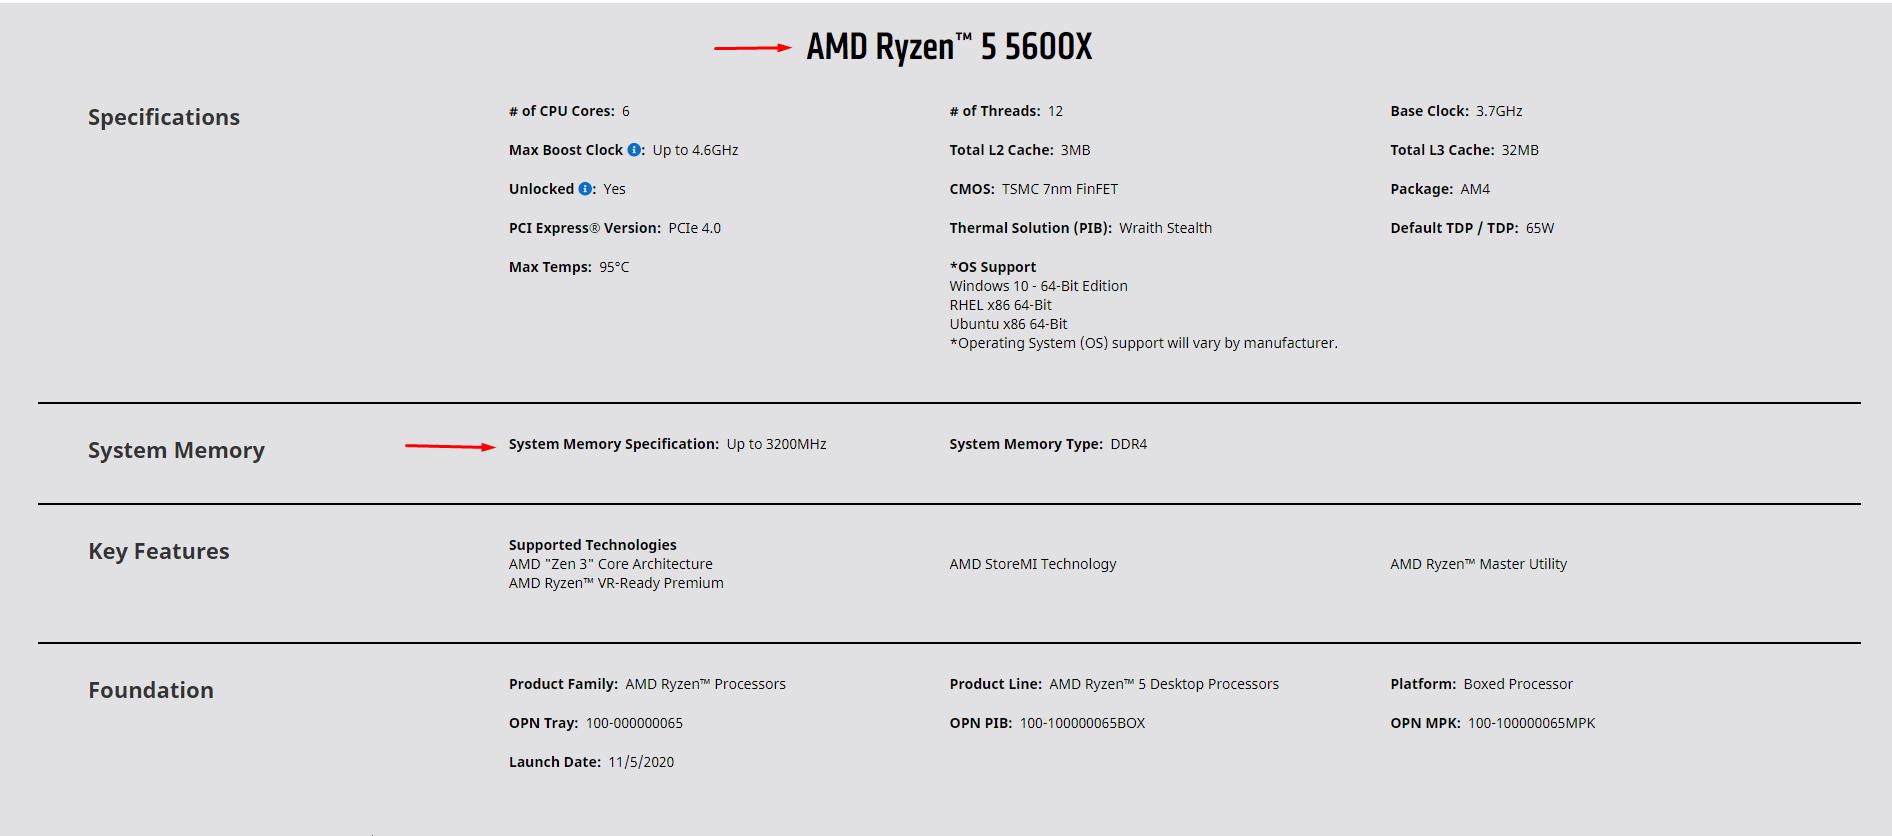 تردد الذواكر المدعم من قبل وحدة معالجة AMD Ryzen 5000